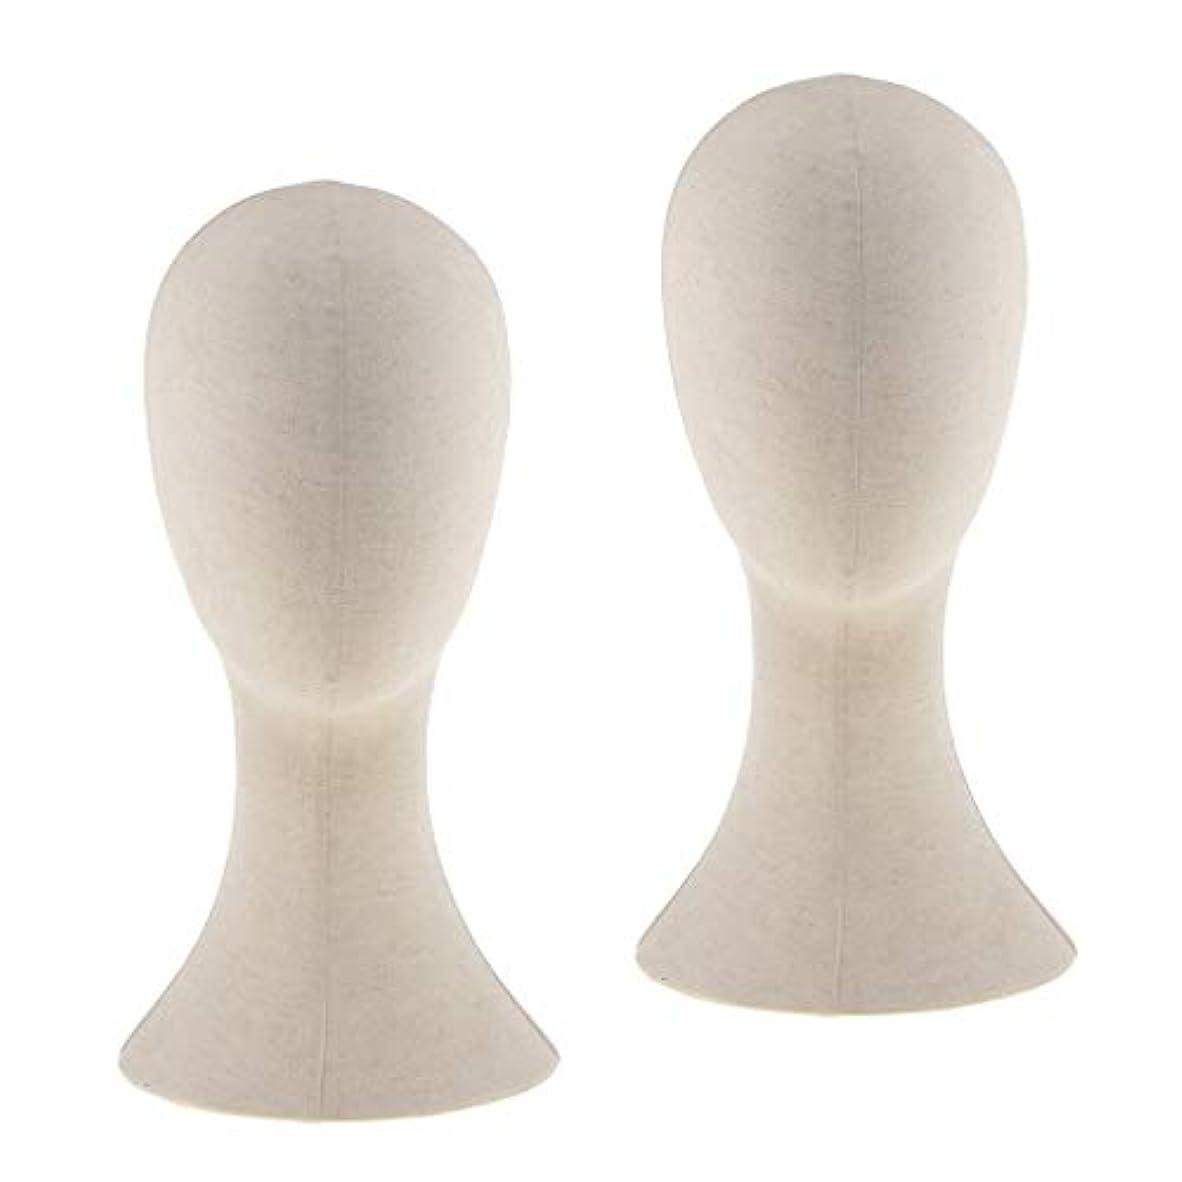 構造やむを得ない呪いPerfeclan 2個入り マネキンヘッド トルソー 頭 カット練習 頭部 女性 ウィッグマネキン ウィッグスタンド